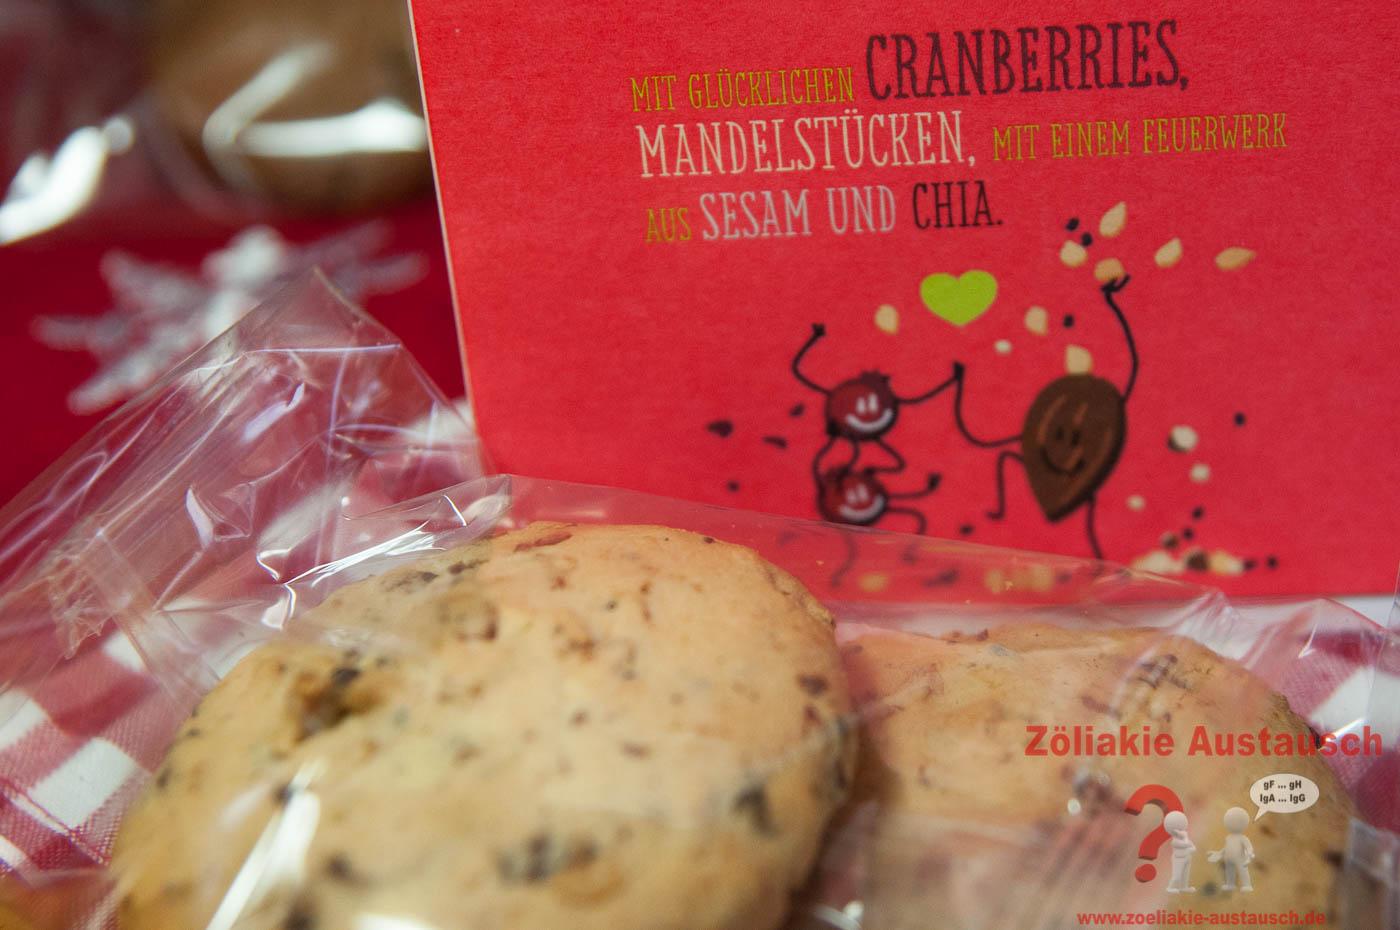 Zoeliakie_Austausch_Sommer_Cookies-022